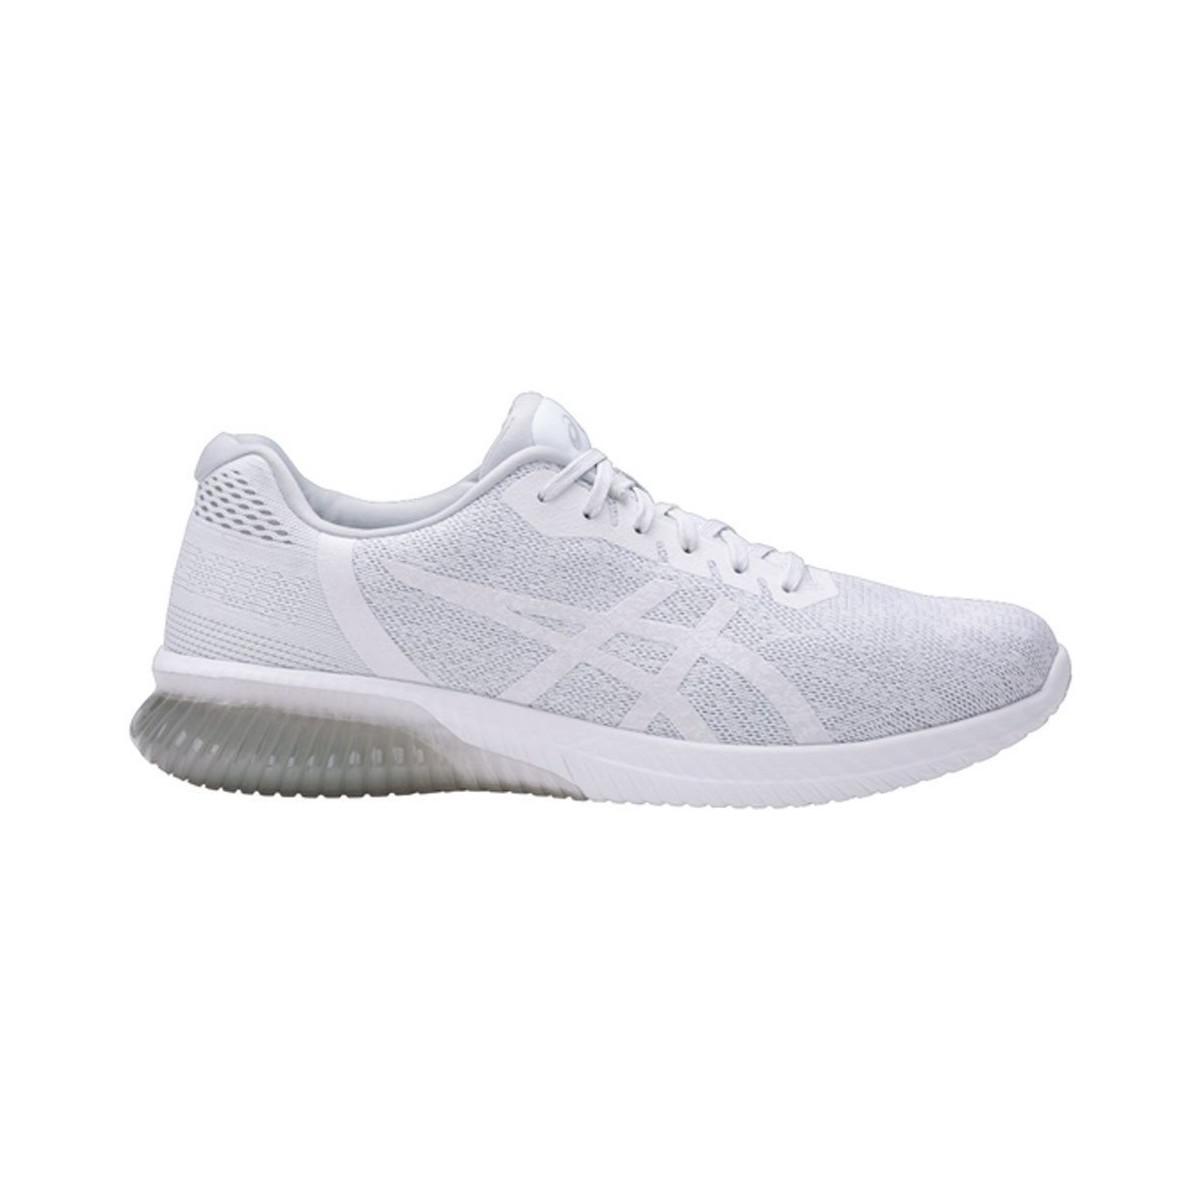 Asics Gel Hommes Gel Chaussures (formateurs) Chaussures En Hommes Multicolore En Blanc Pour Hommes 6a2accc - vendingmatic.info